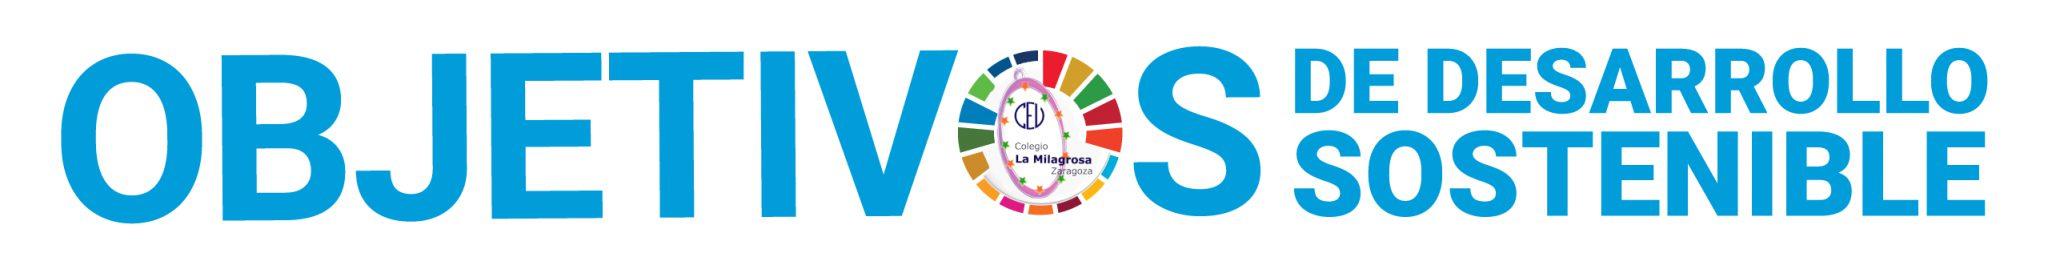 Conoce los Objetivos de Desarrollo Sostenible